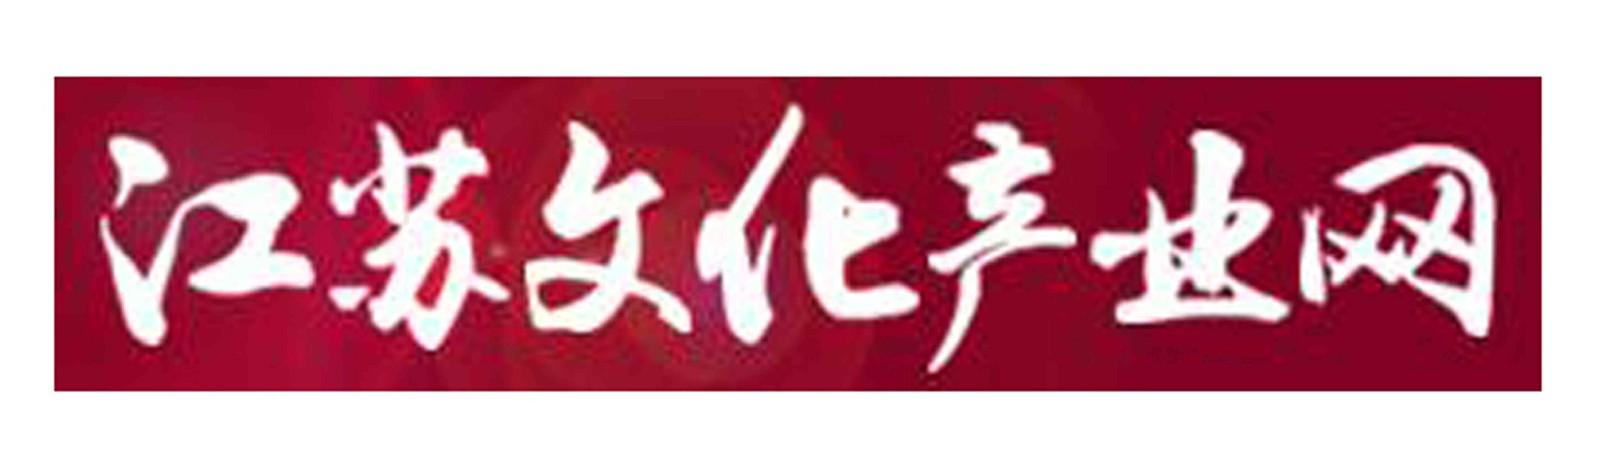 江苏亚博app官方下载安卓版产业网